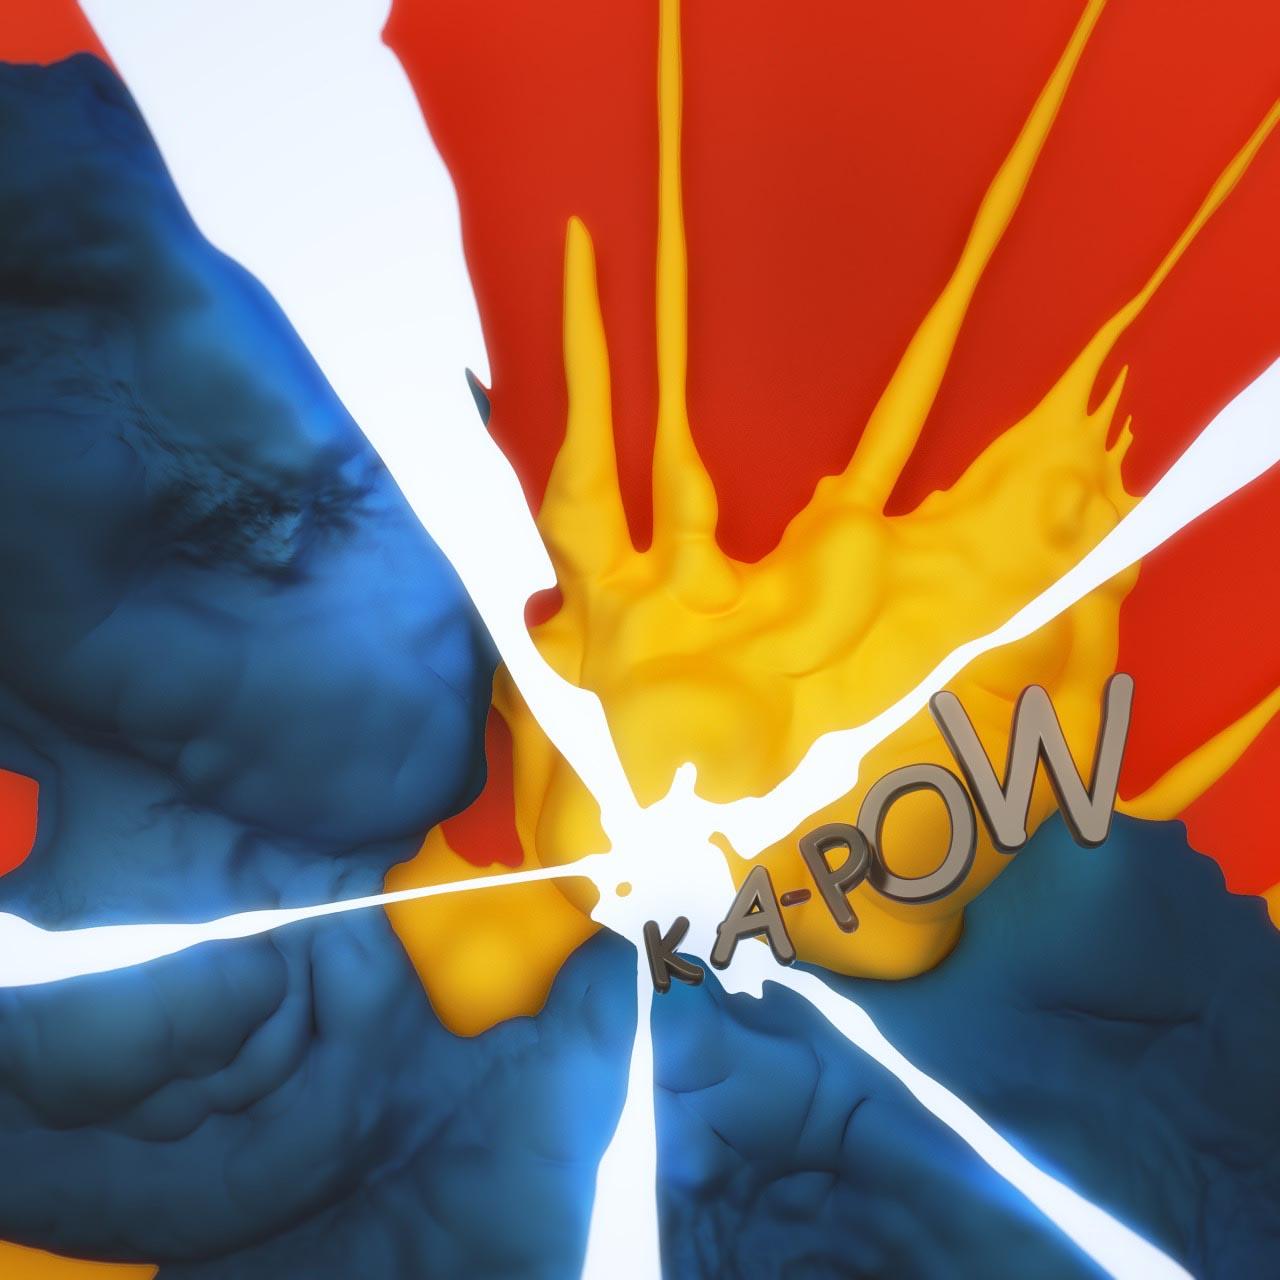 Onomatopoeia kapow comic cartoon typo typography font slang 3D explosion